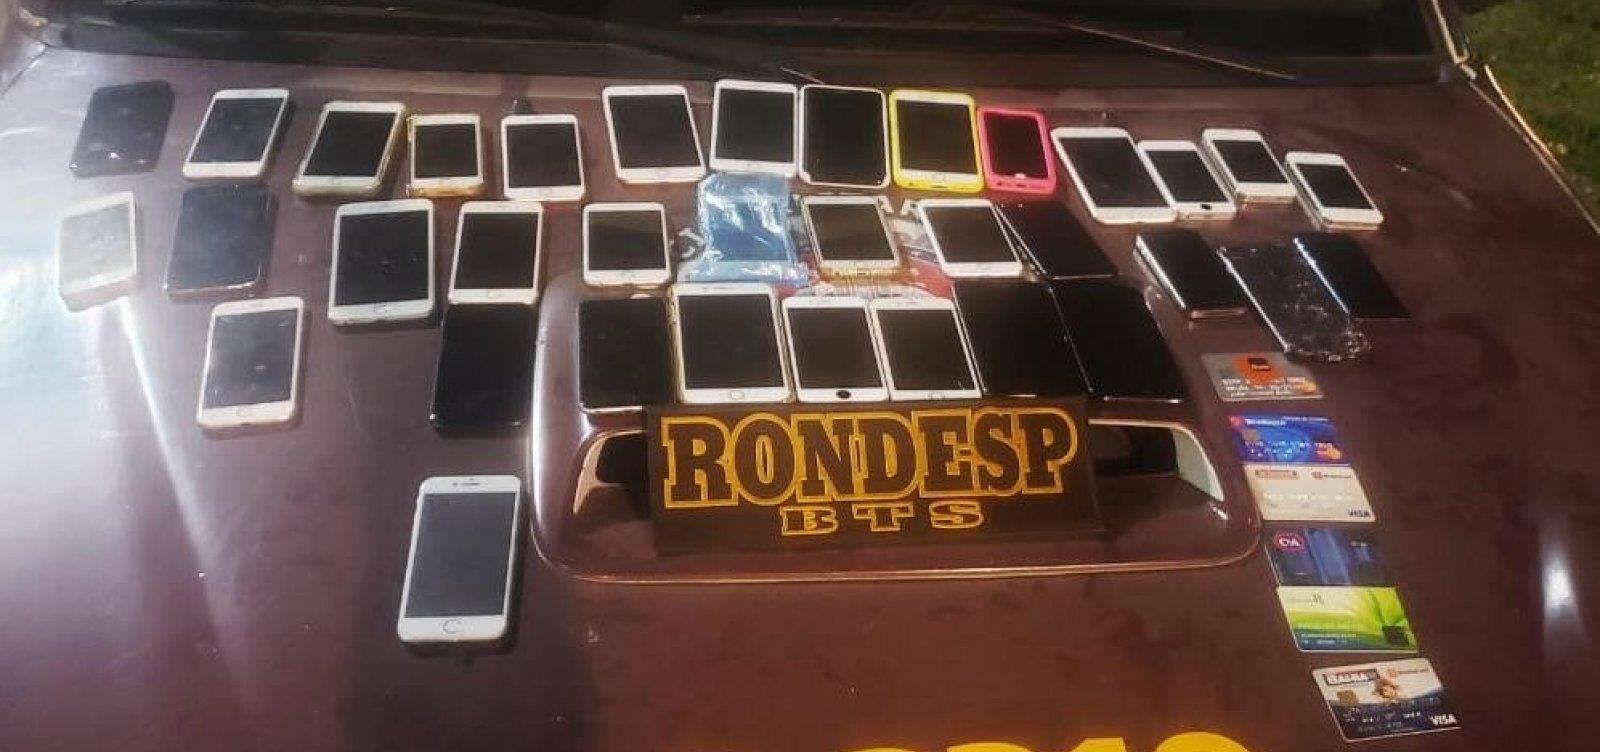 Com ajuda de GPS, mais de 30 iPhones furtados em festa são recuperados pela PM